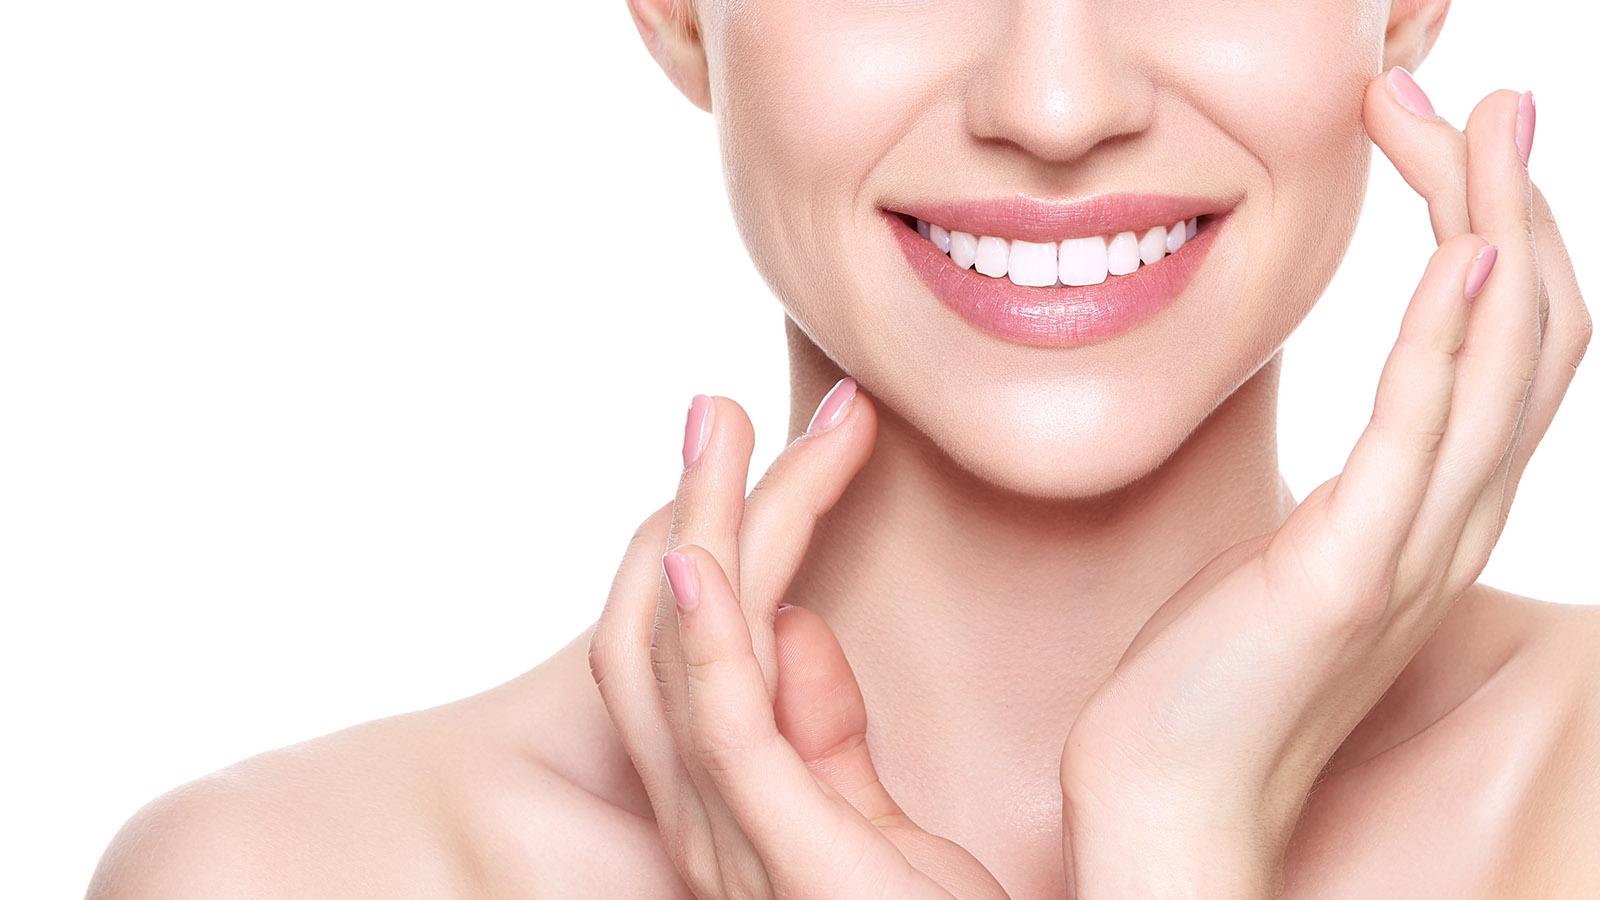 антивікова стоматологія, Dental face lifting, стоматологічна підтяжка обличчя, безопераційна стоматологічна підтяжка лиця, косметична стоматологія, підтяжка обличчя, біоестетичне лікування, стоматологічній Face Lifting, ліфтинг лиця, анті-ейдж стоматологі